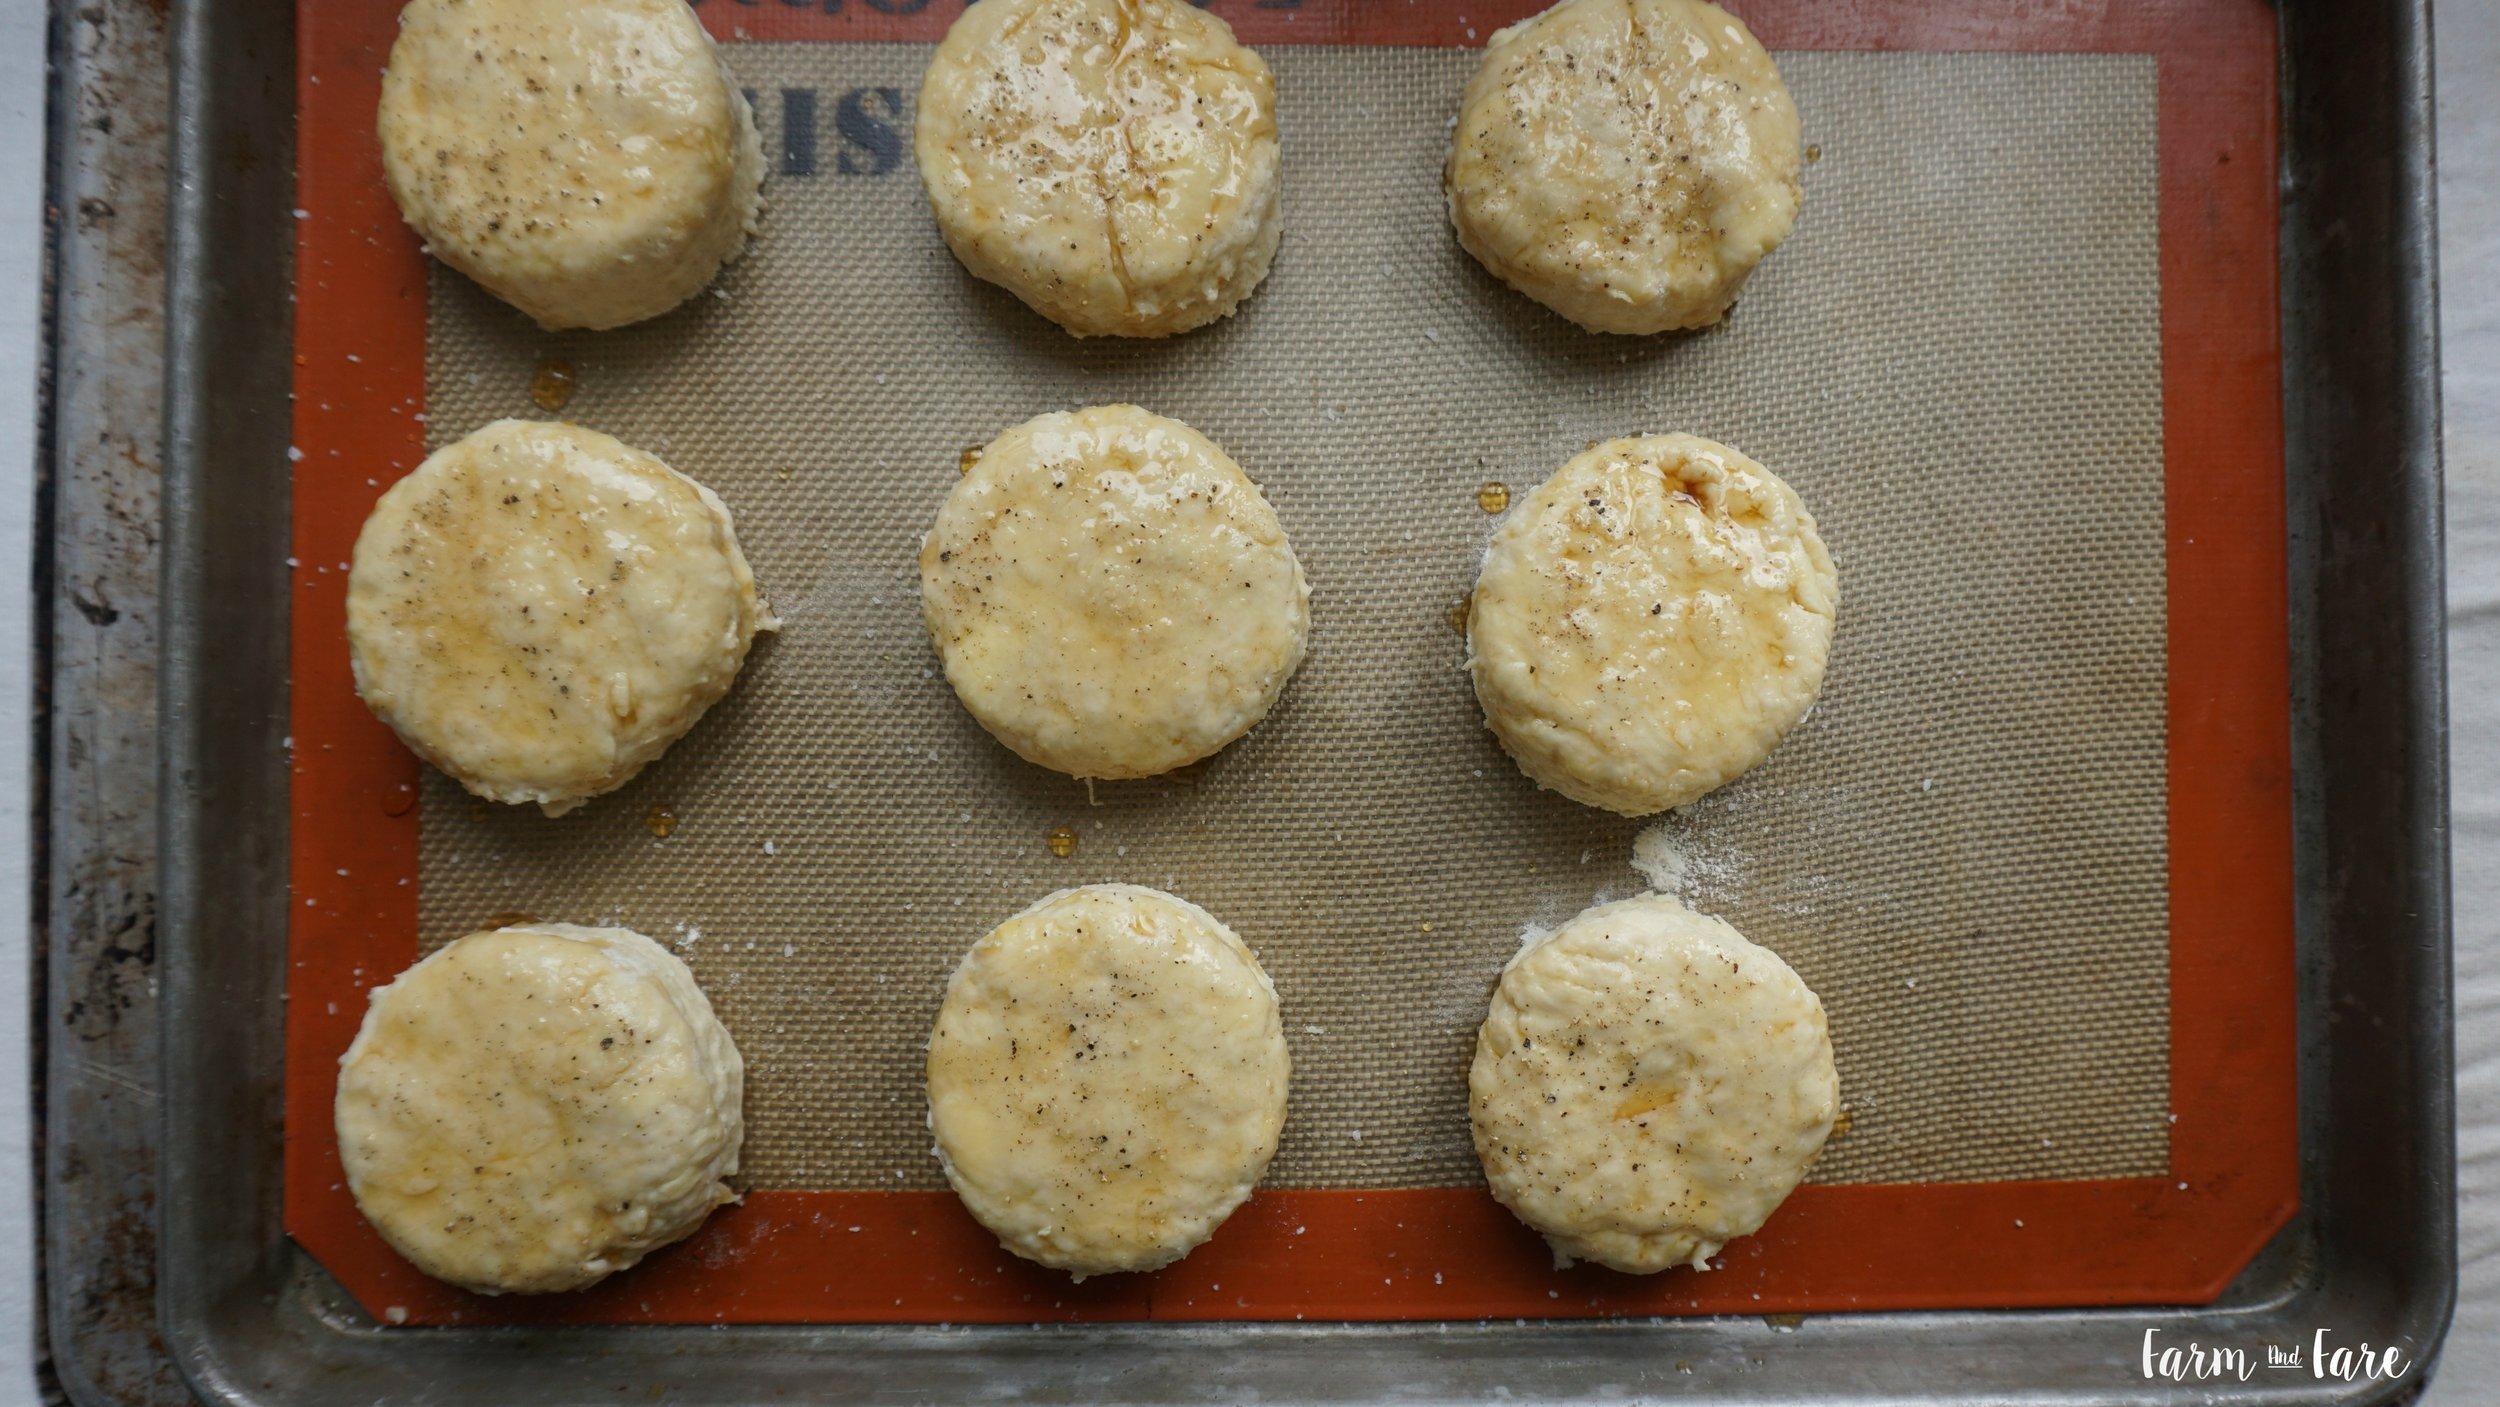 biscuit16.jpg